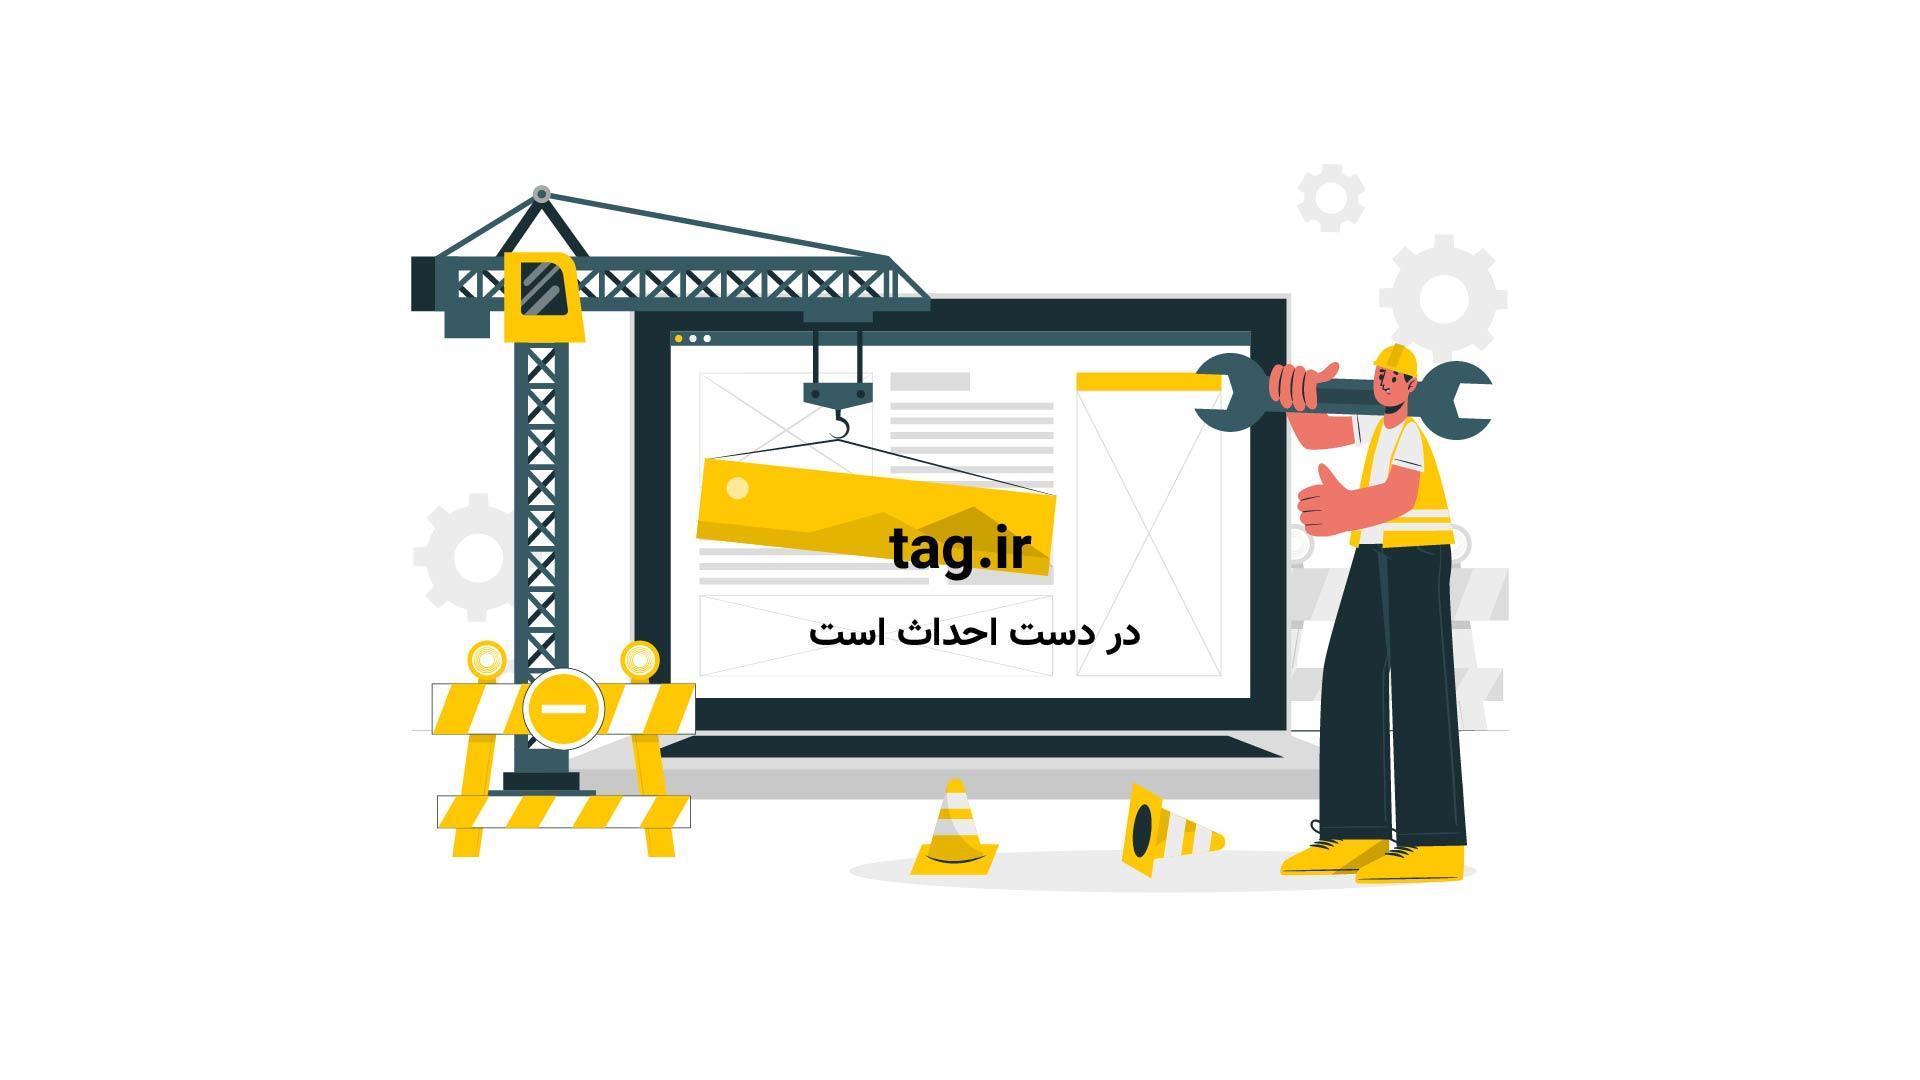 آبشار زیبا و دیدنی تختان در شهر دهلران | فیلم